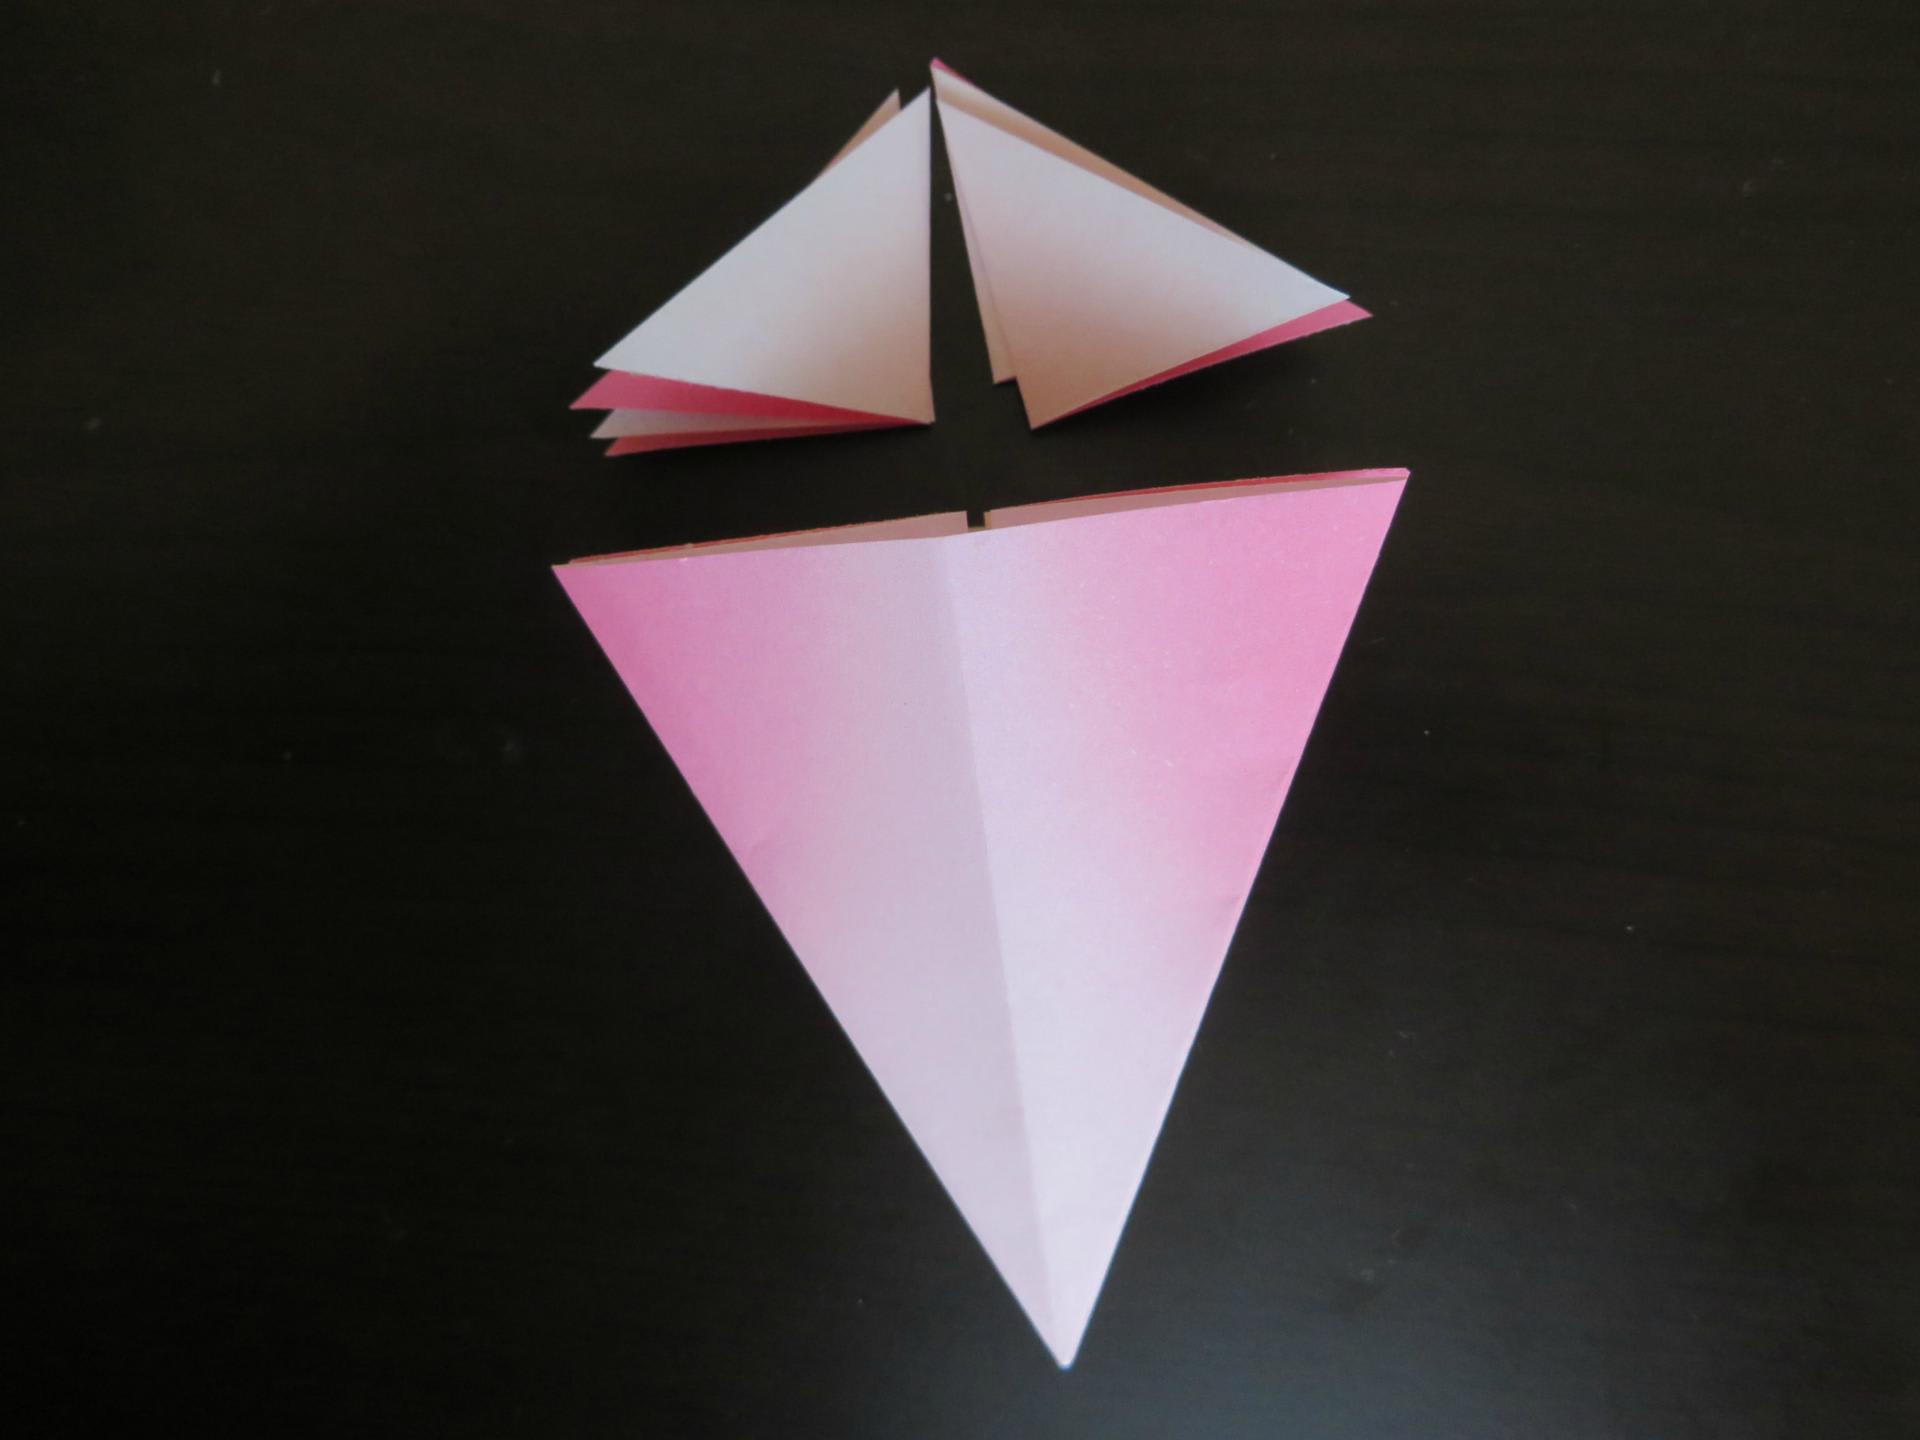 すべての折り紙 葉っぱ 折り紙 折り方 : 折り紙 コスモス - 空色のたね